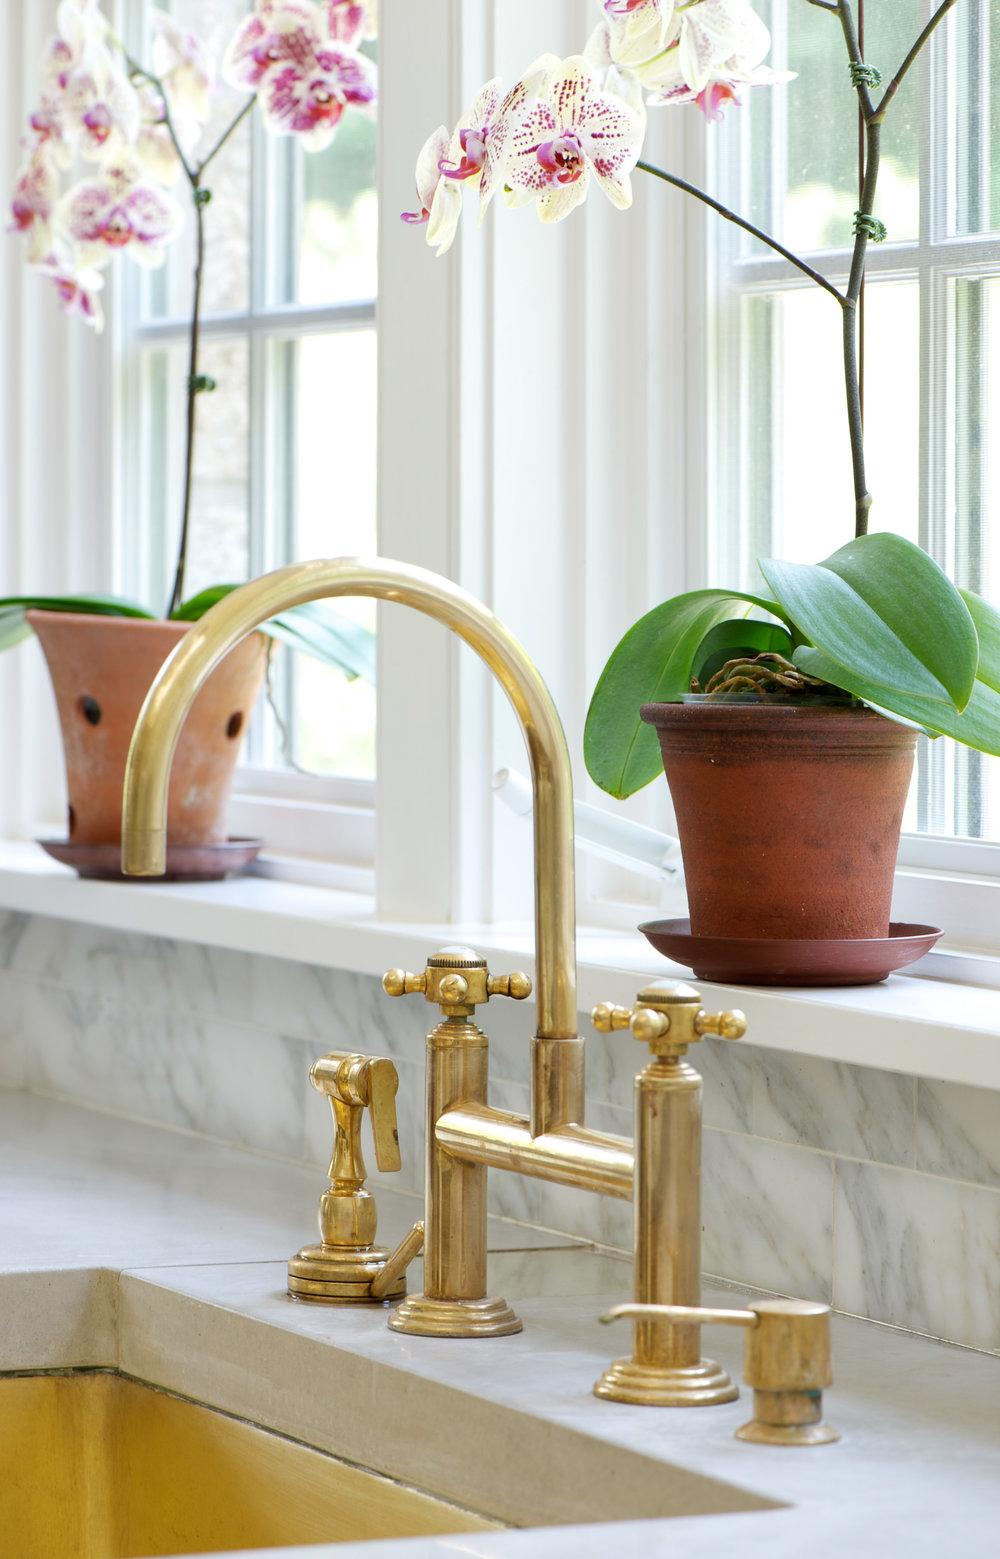 Plant-ledge-faucet-details